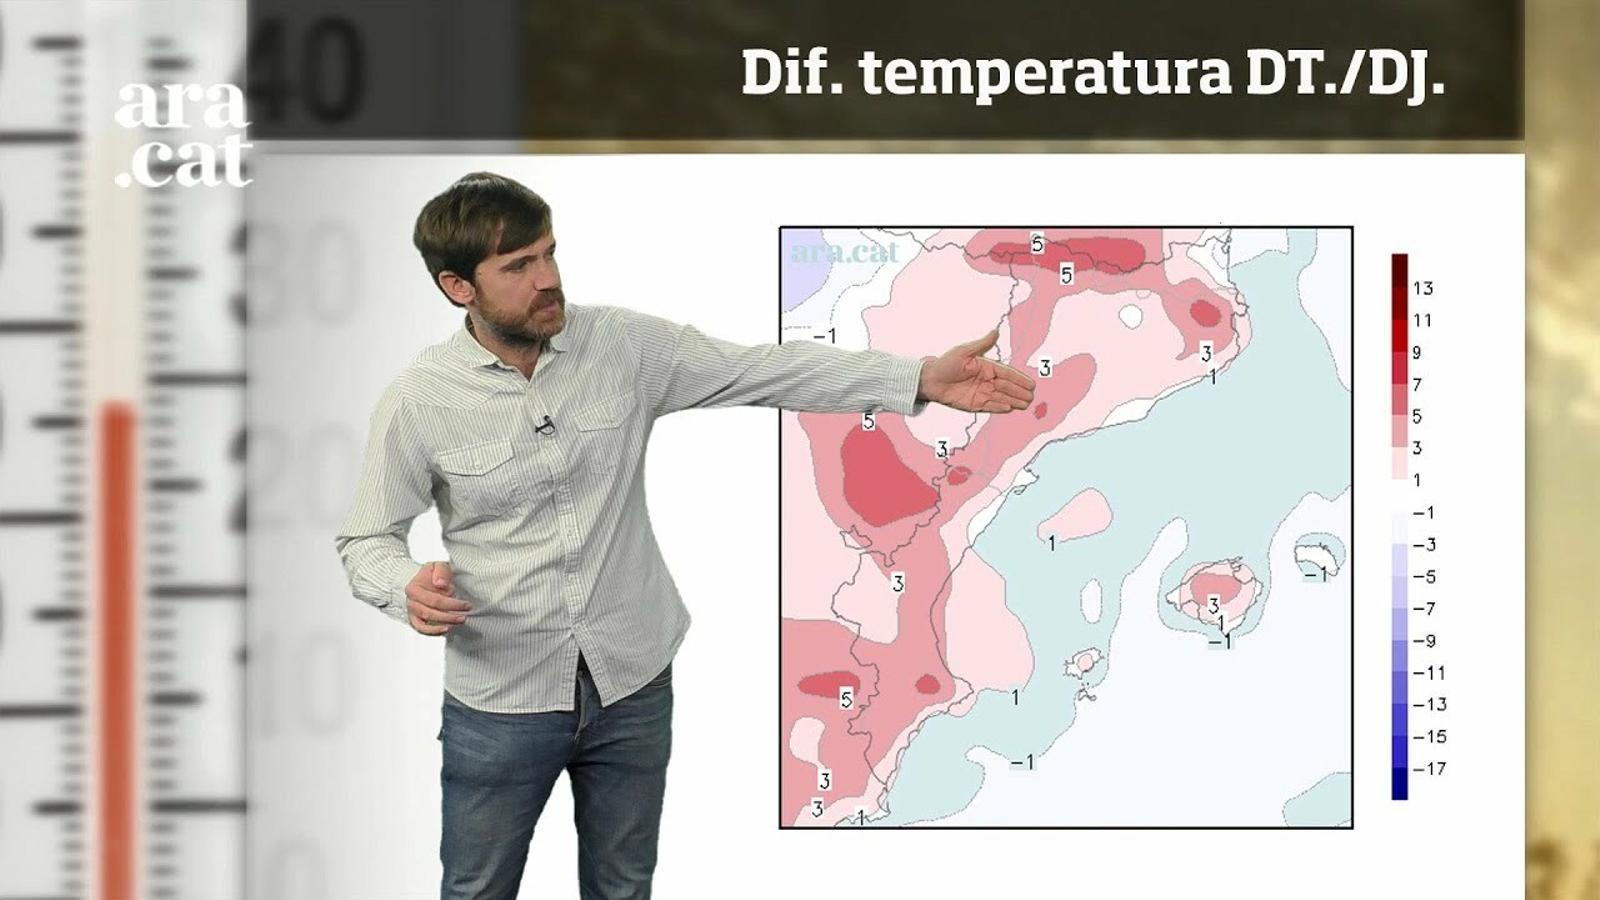 La méteo en 1 minut: la temperatura revifarà una mica abans del cap de setmana